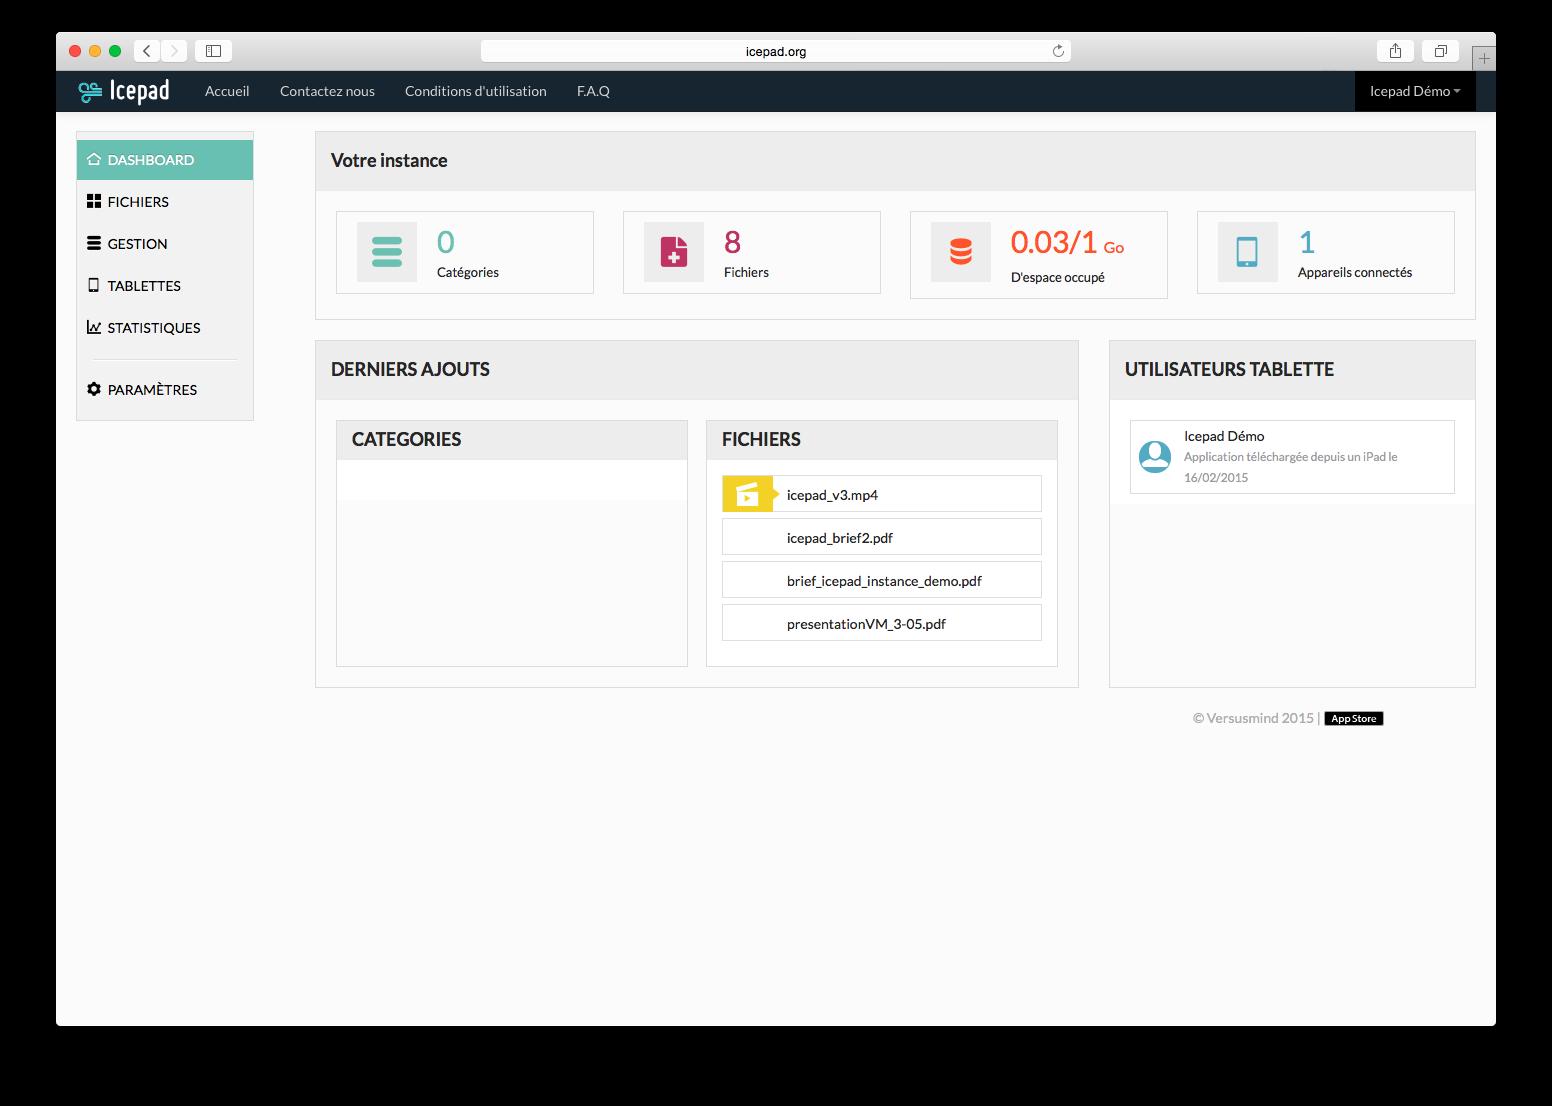 IcePad: Base de savoir (tutoriels, démos), Gestion des droits, Webmail (gestion des emails)